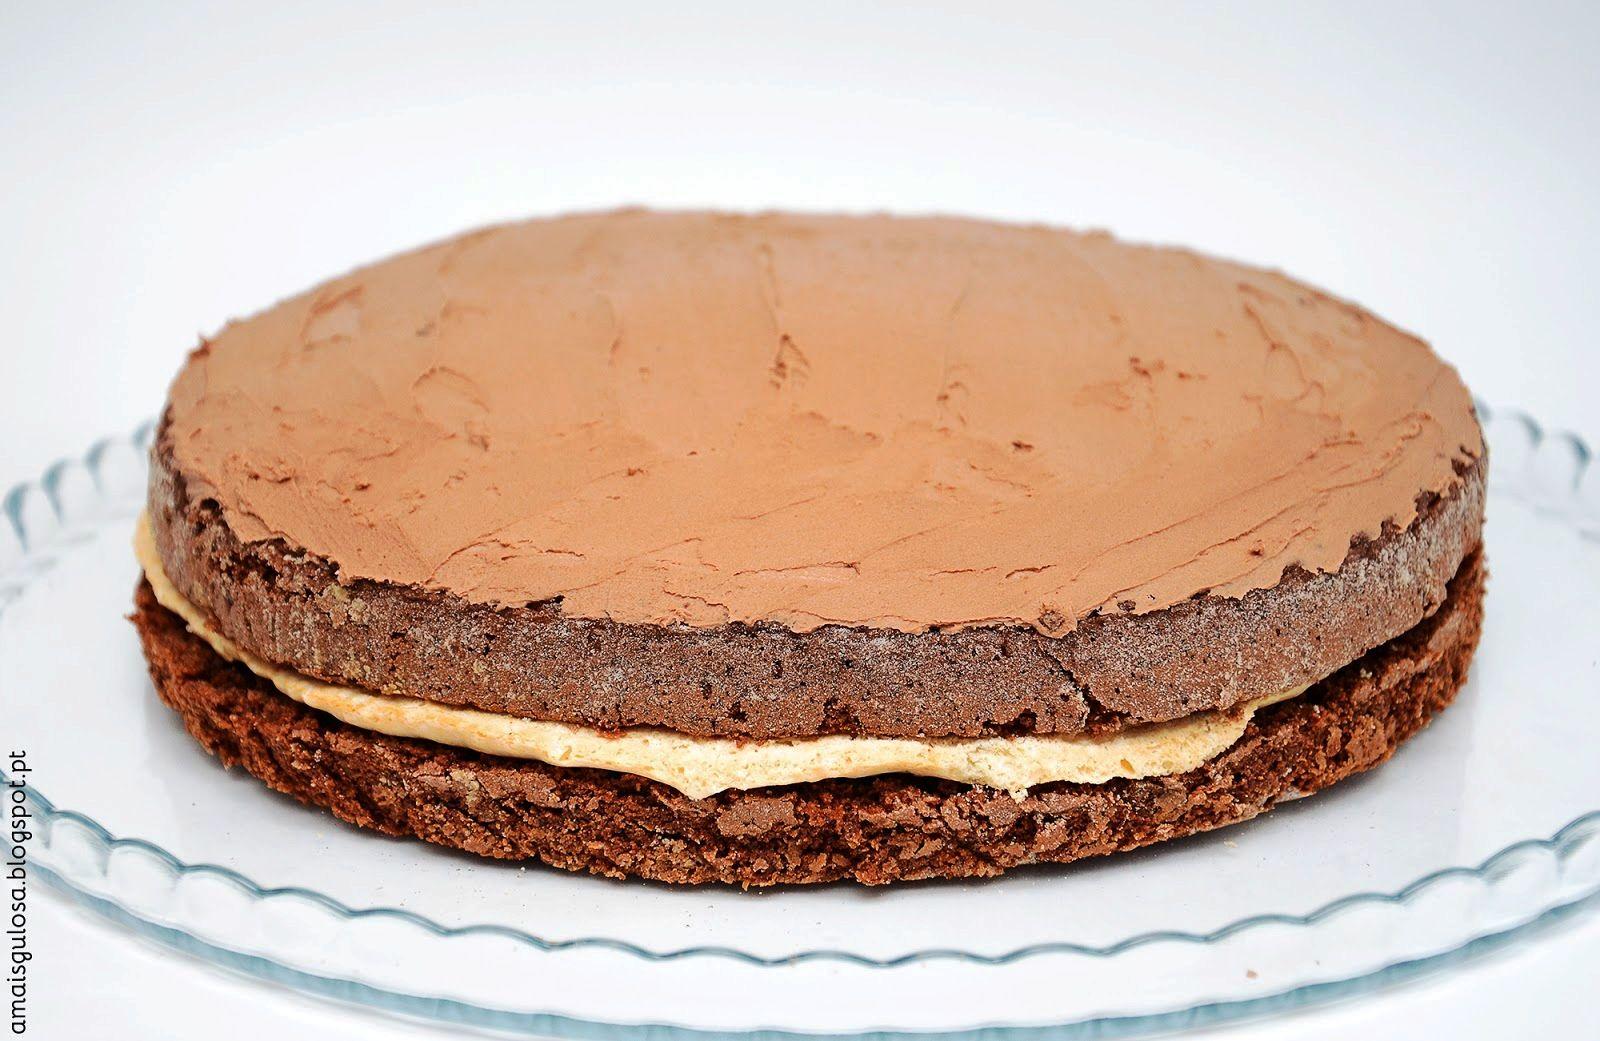 Um bolo com combinações irresistíveis: chocolate e merengue que se derrete na boca. Diferentes sabores e texturas que casam na perfeição